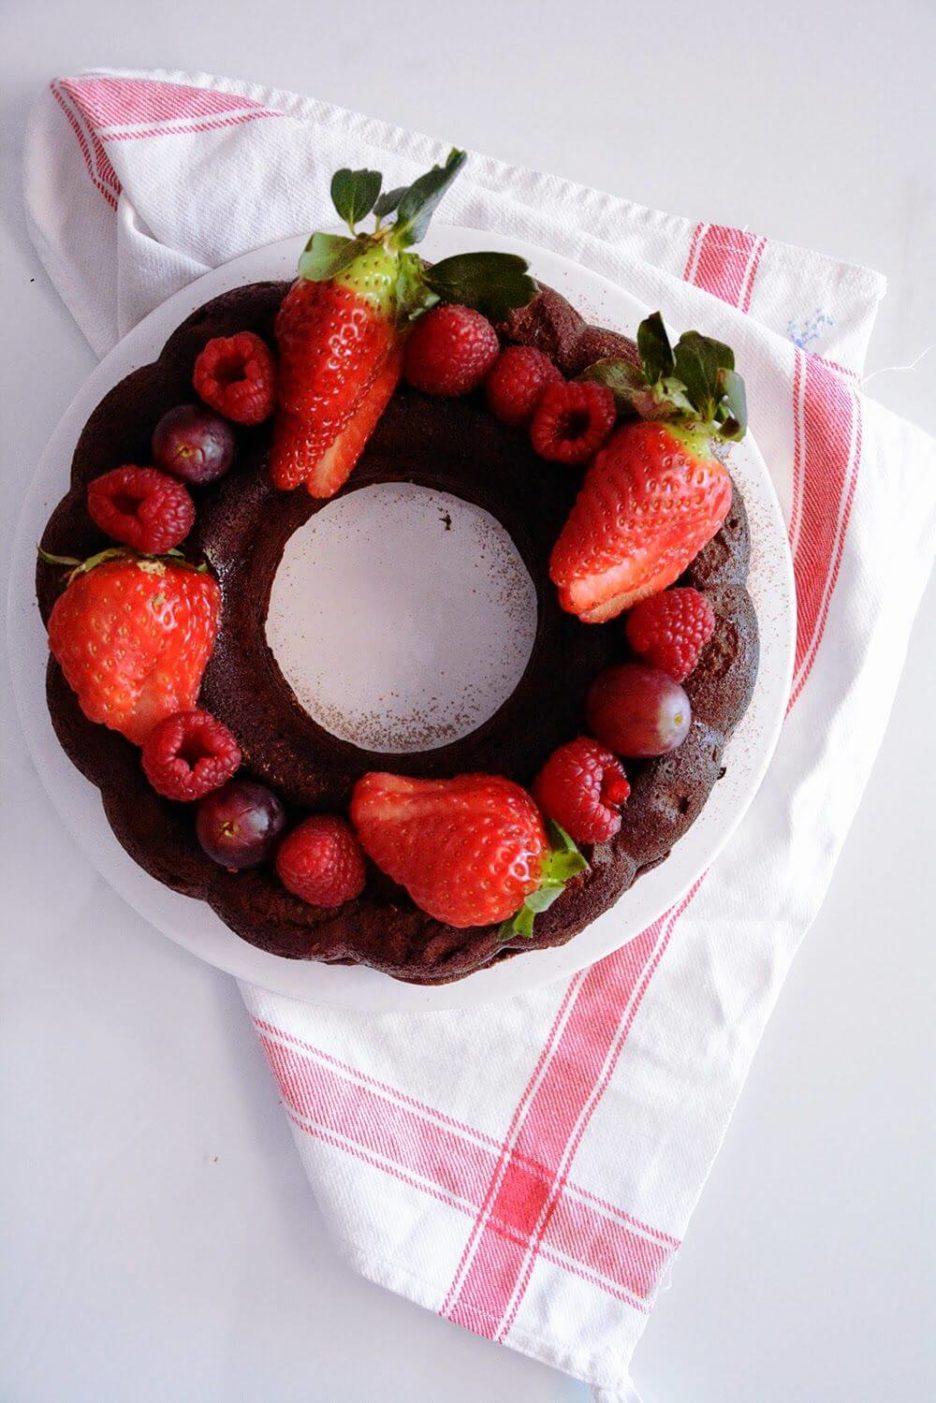 Mari Cocinillas - Cheseecake de chocolate receta fácil y rápida